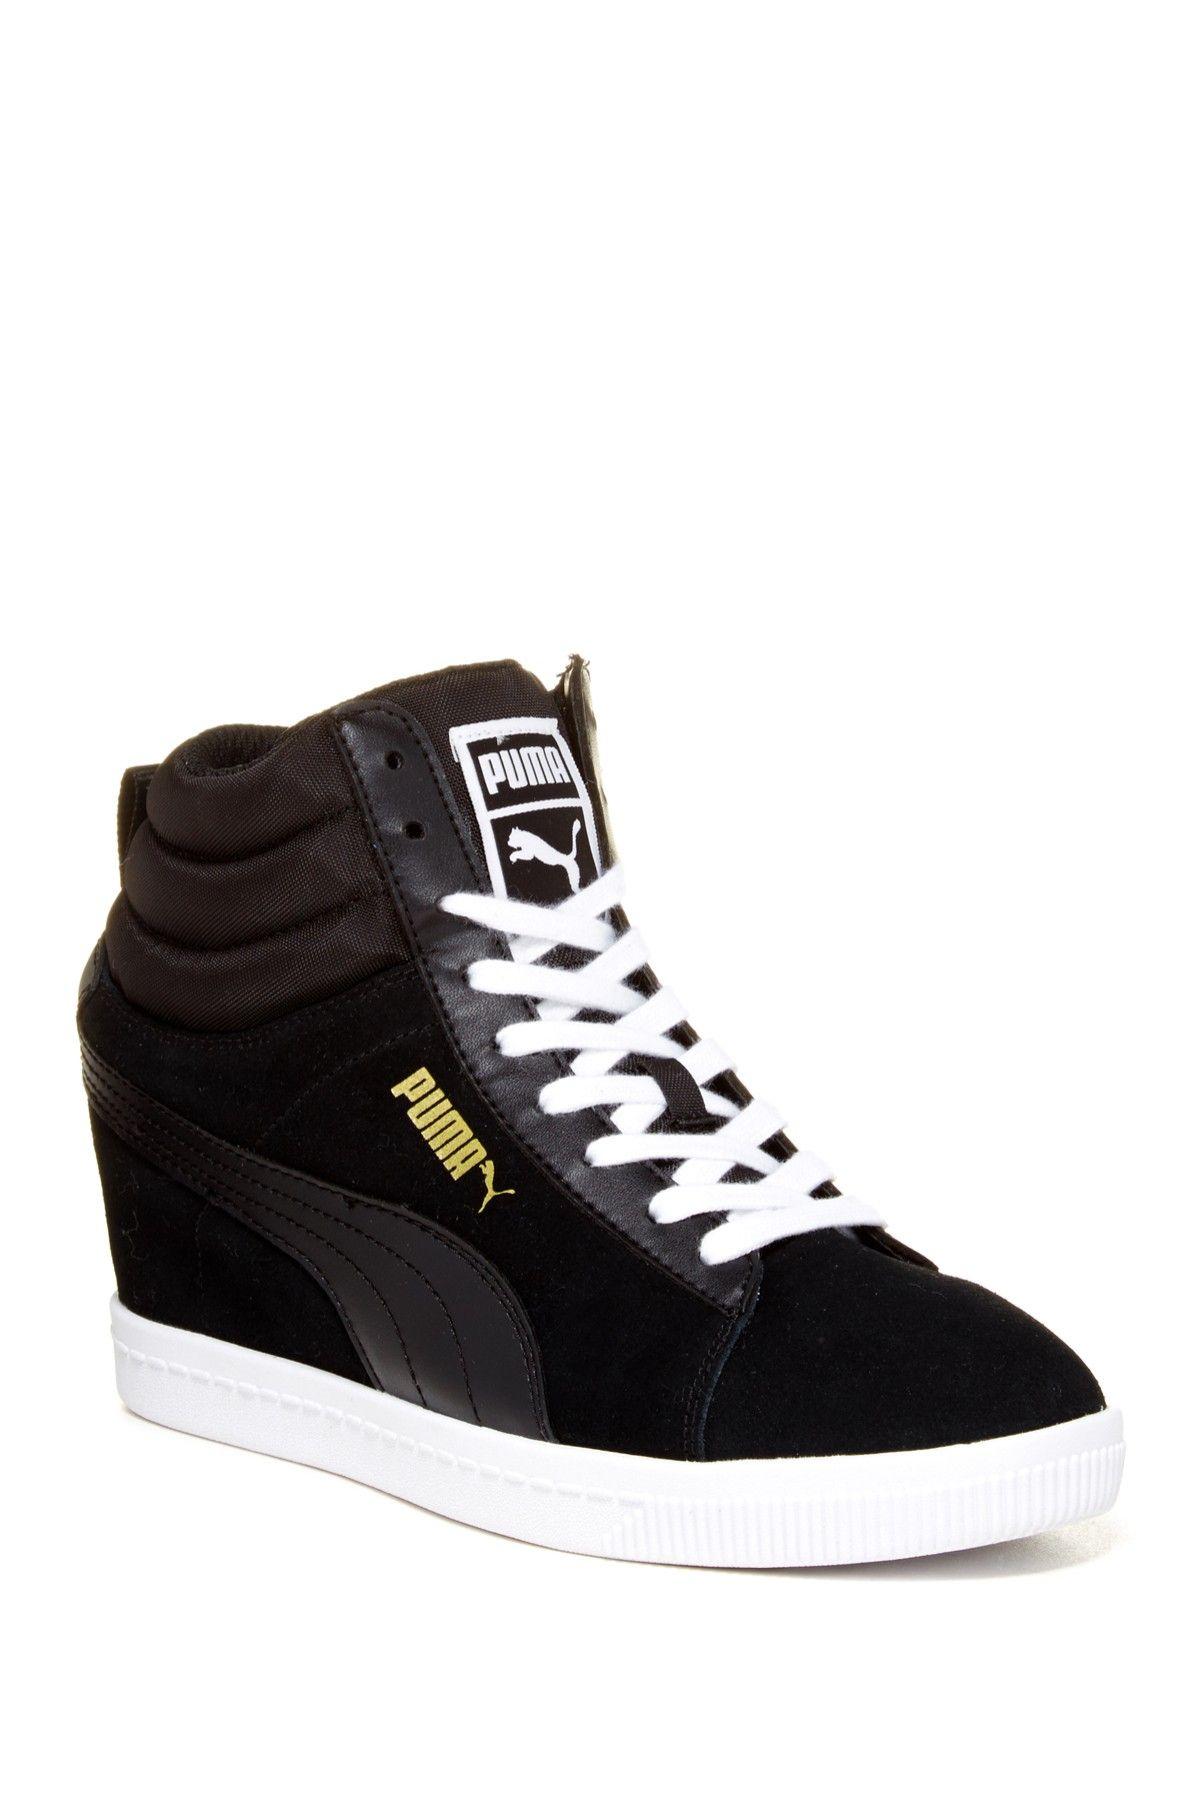 f95f0d9d1a28 PUMA Classic Wedge Sneaker